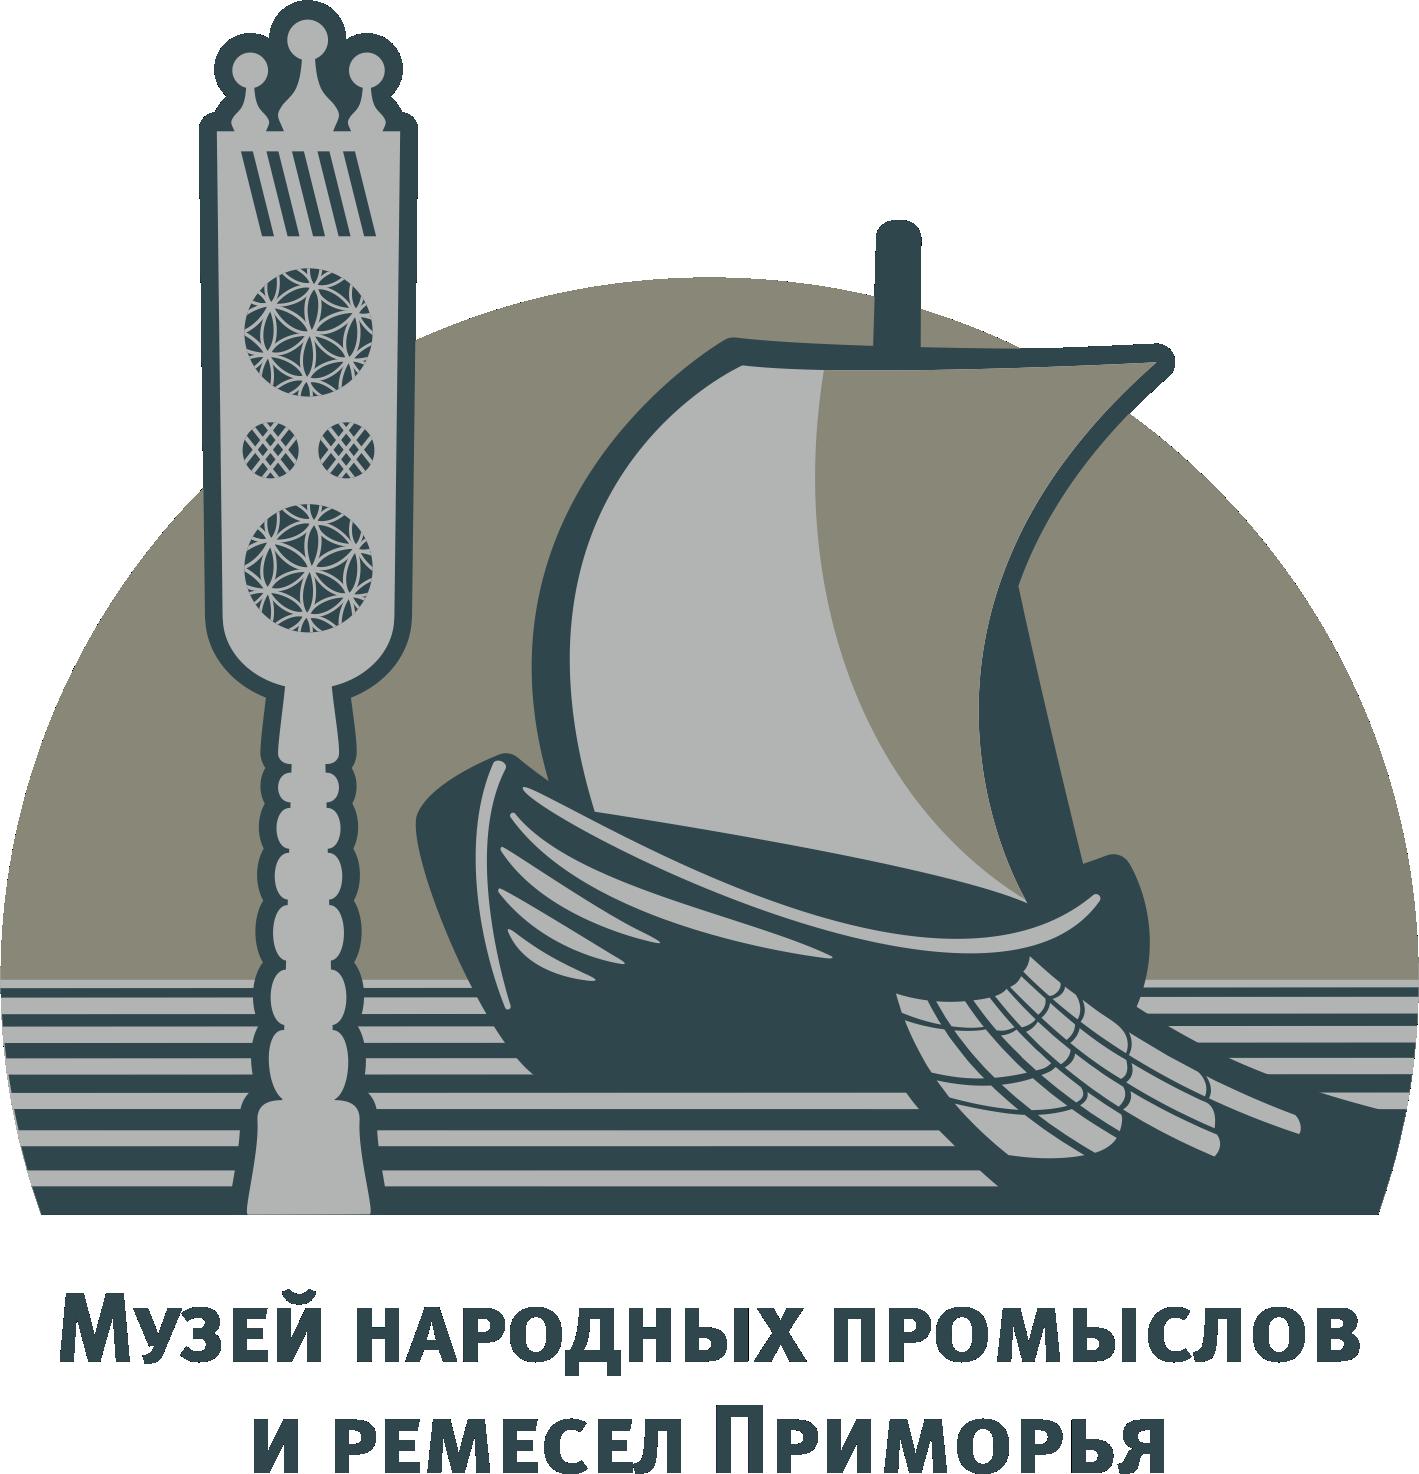 Музей народных промыслов и ремёсел Приморья